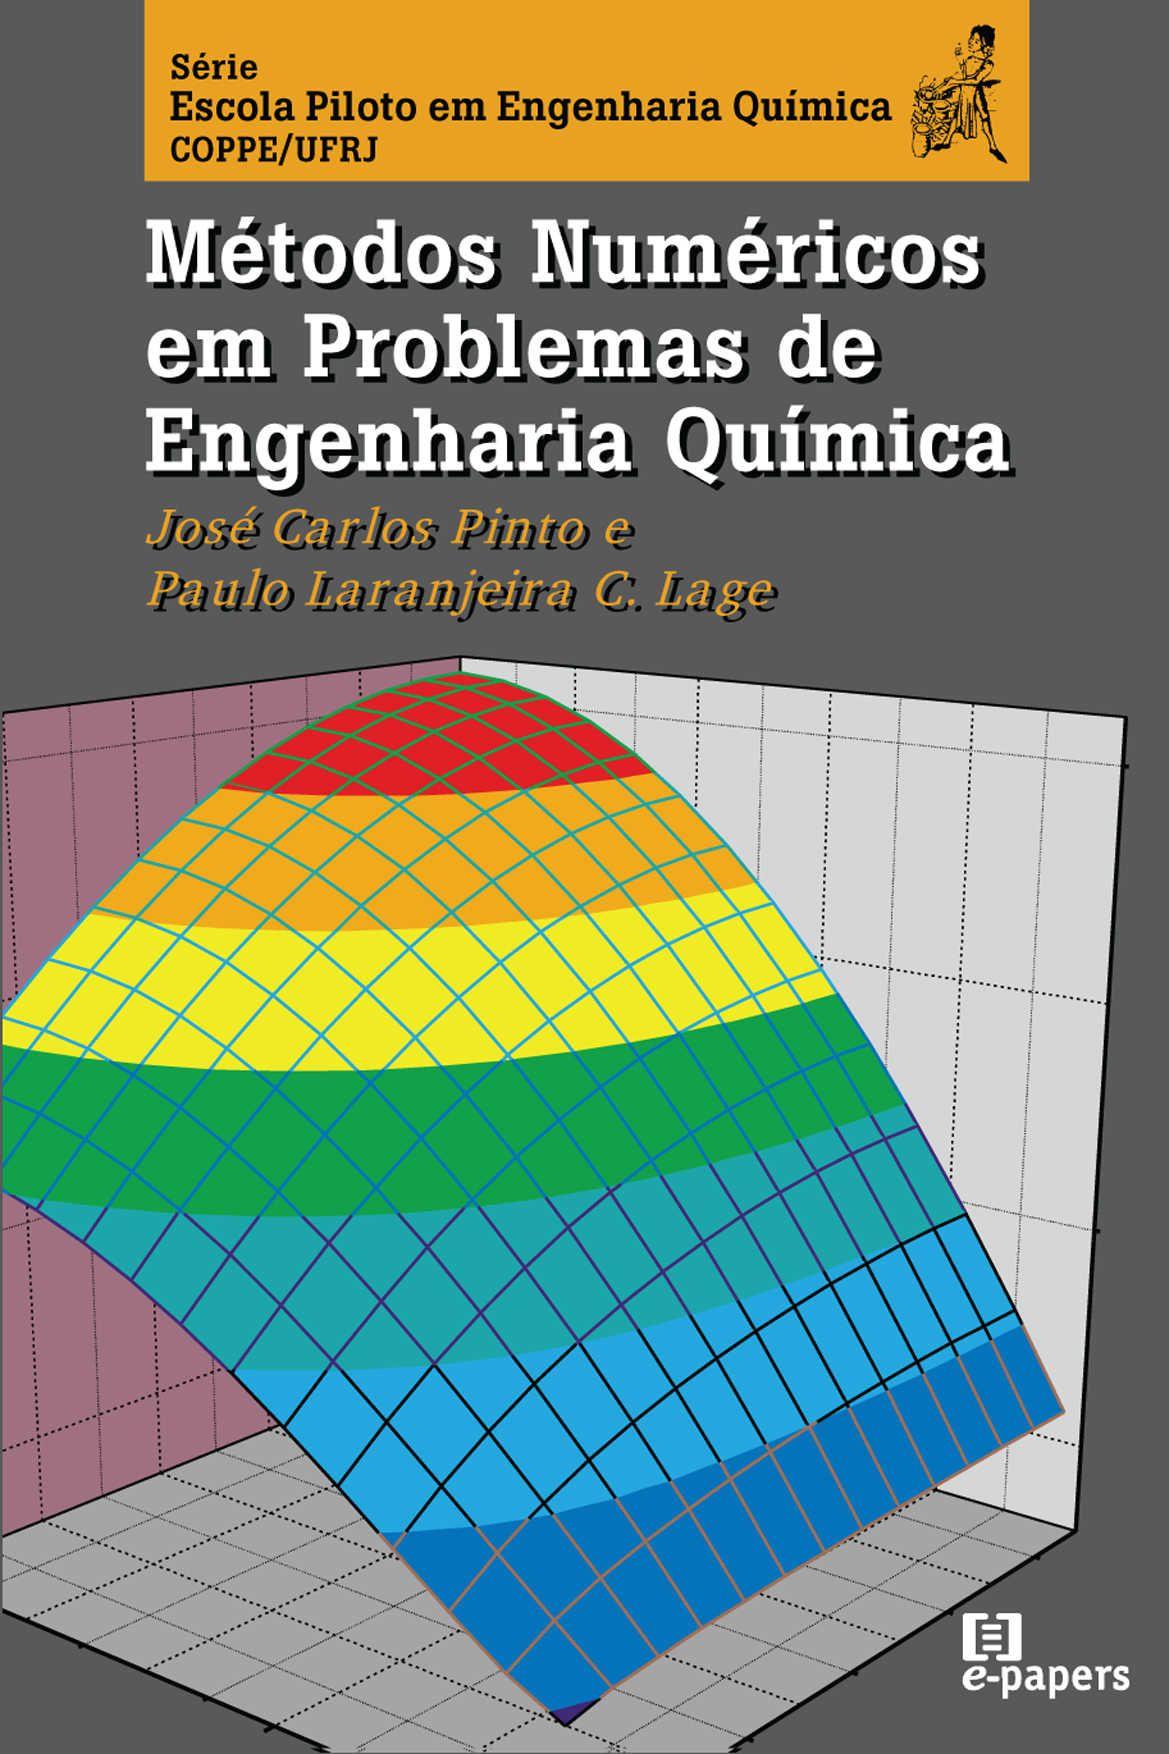 Métodos Numéricos em Problemas de Engenharia Química